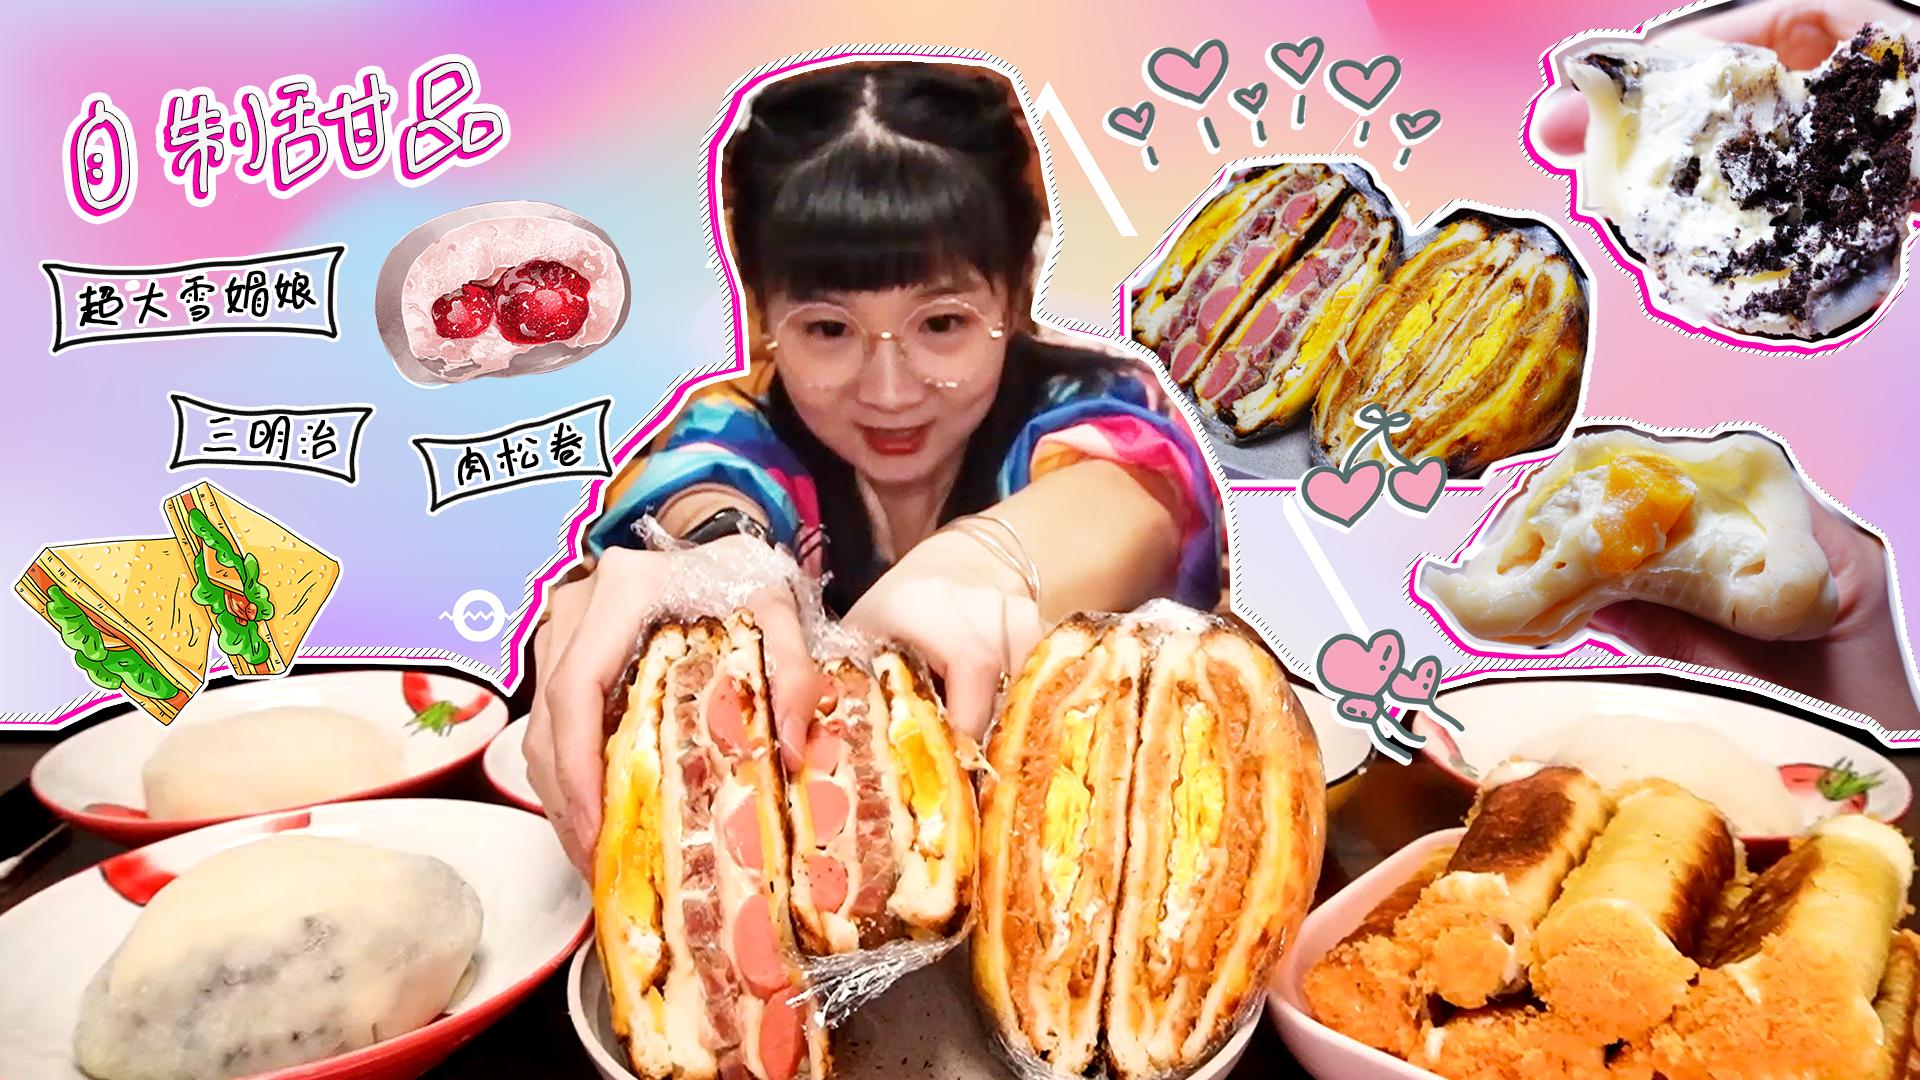 【小猪猪的vlog】宅家自制烘焙上线!超大雪媚娘、三明治、肉松卷